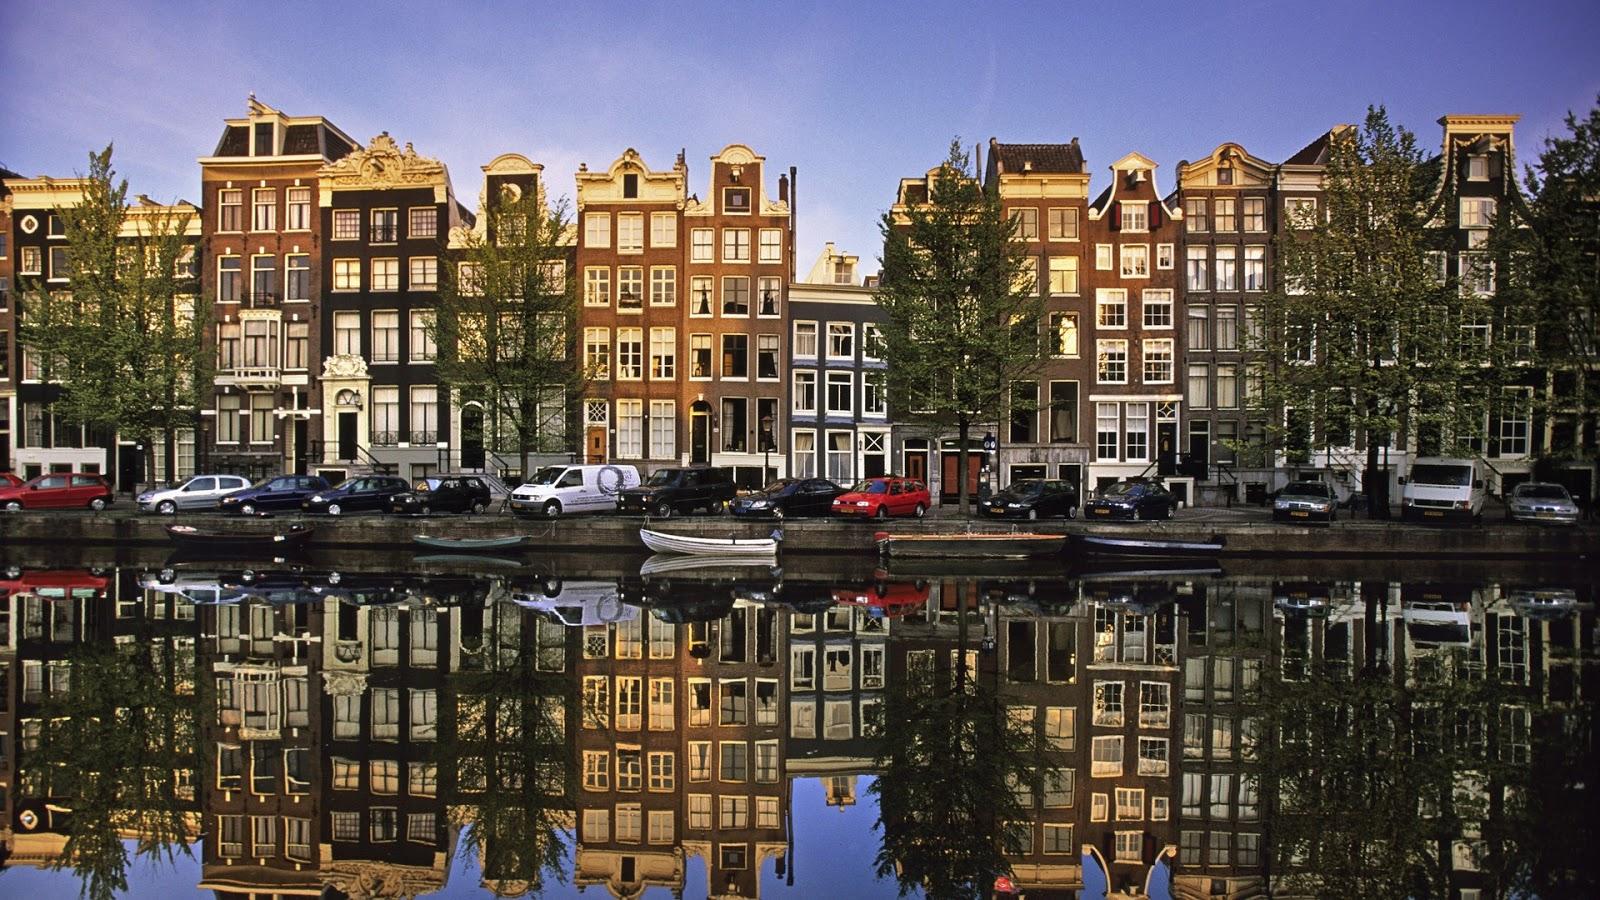 Amsterdam coffee shop stop marijuana ai turisti il for Agenzia immobiliare amsterdam